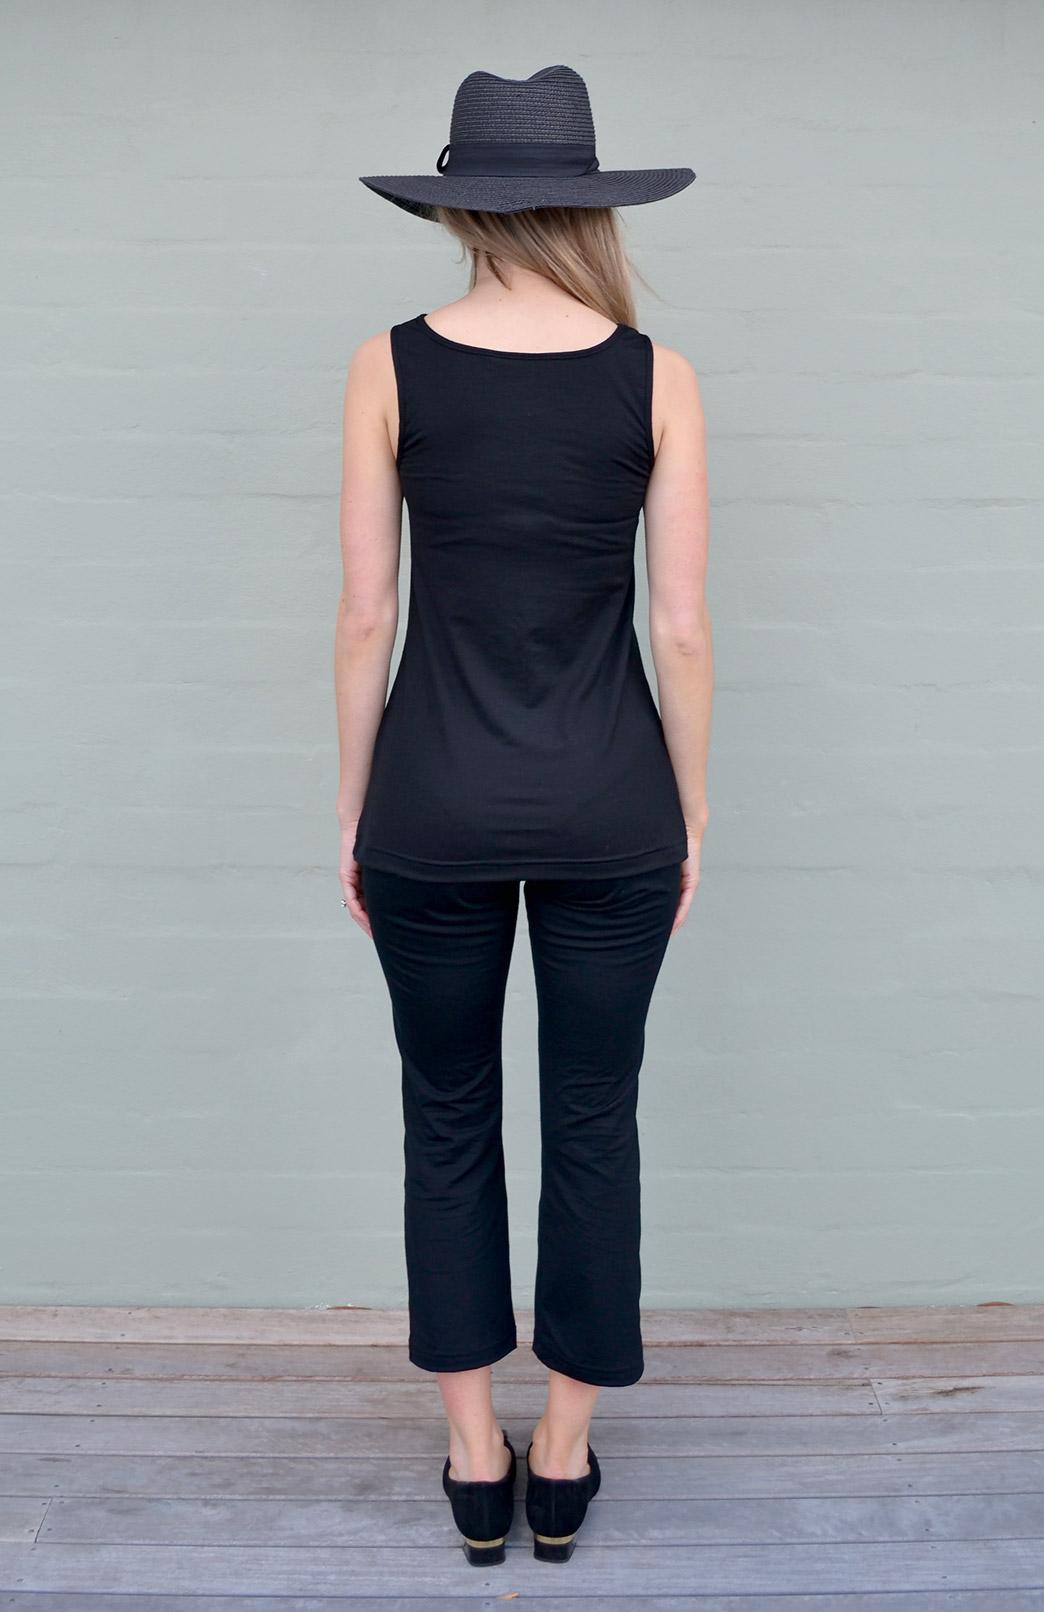 Capri Top Women S Black Merino Wool Sleeveless Summer